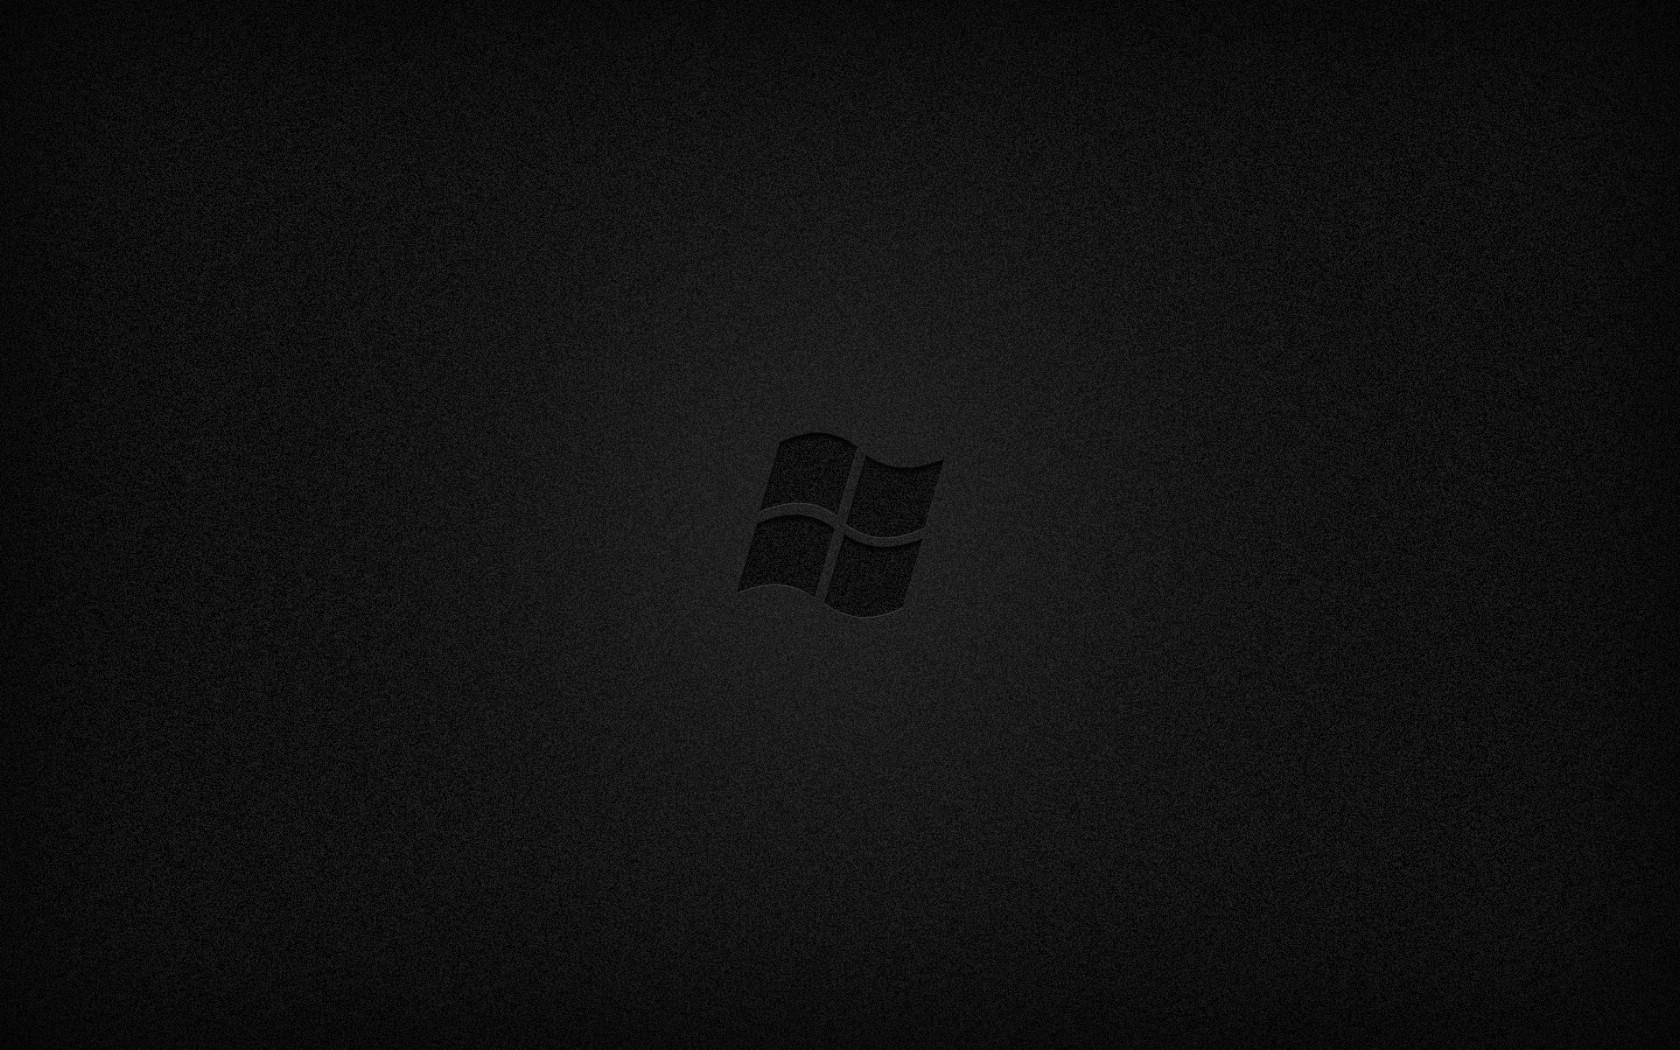 壁纸1680×1050黑色沙纹简约XP壁纸 多分辨率 壁纸91920x1200壁纸,黑色沙纹简约XP壁纸壁纸图片-精选壁纸-精选图片素材-桌面壁纸